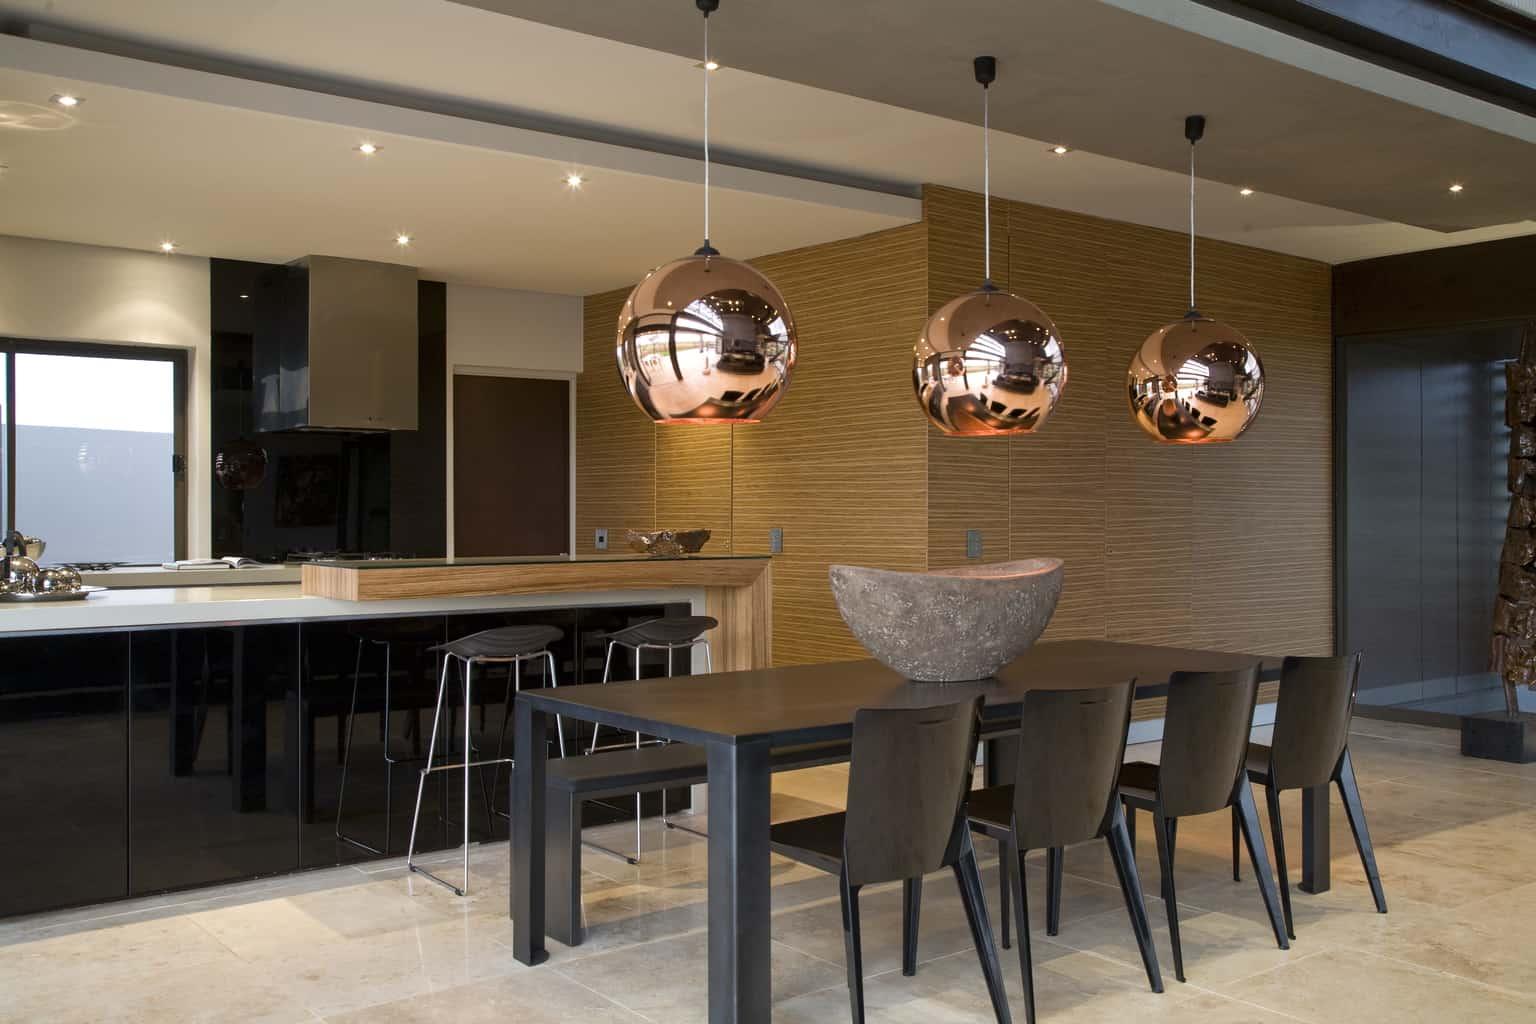 serengeti designed by rudolph van der meulen 141